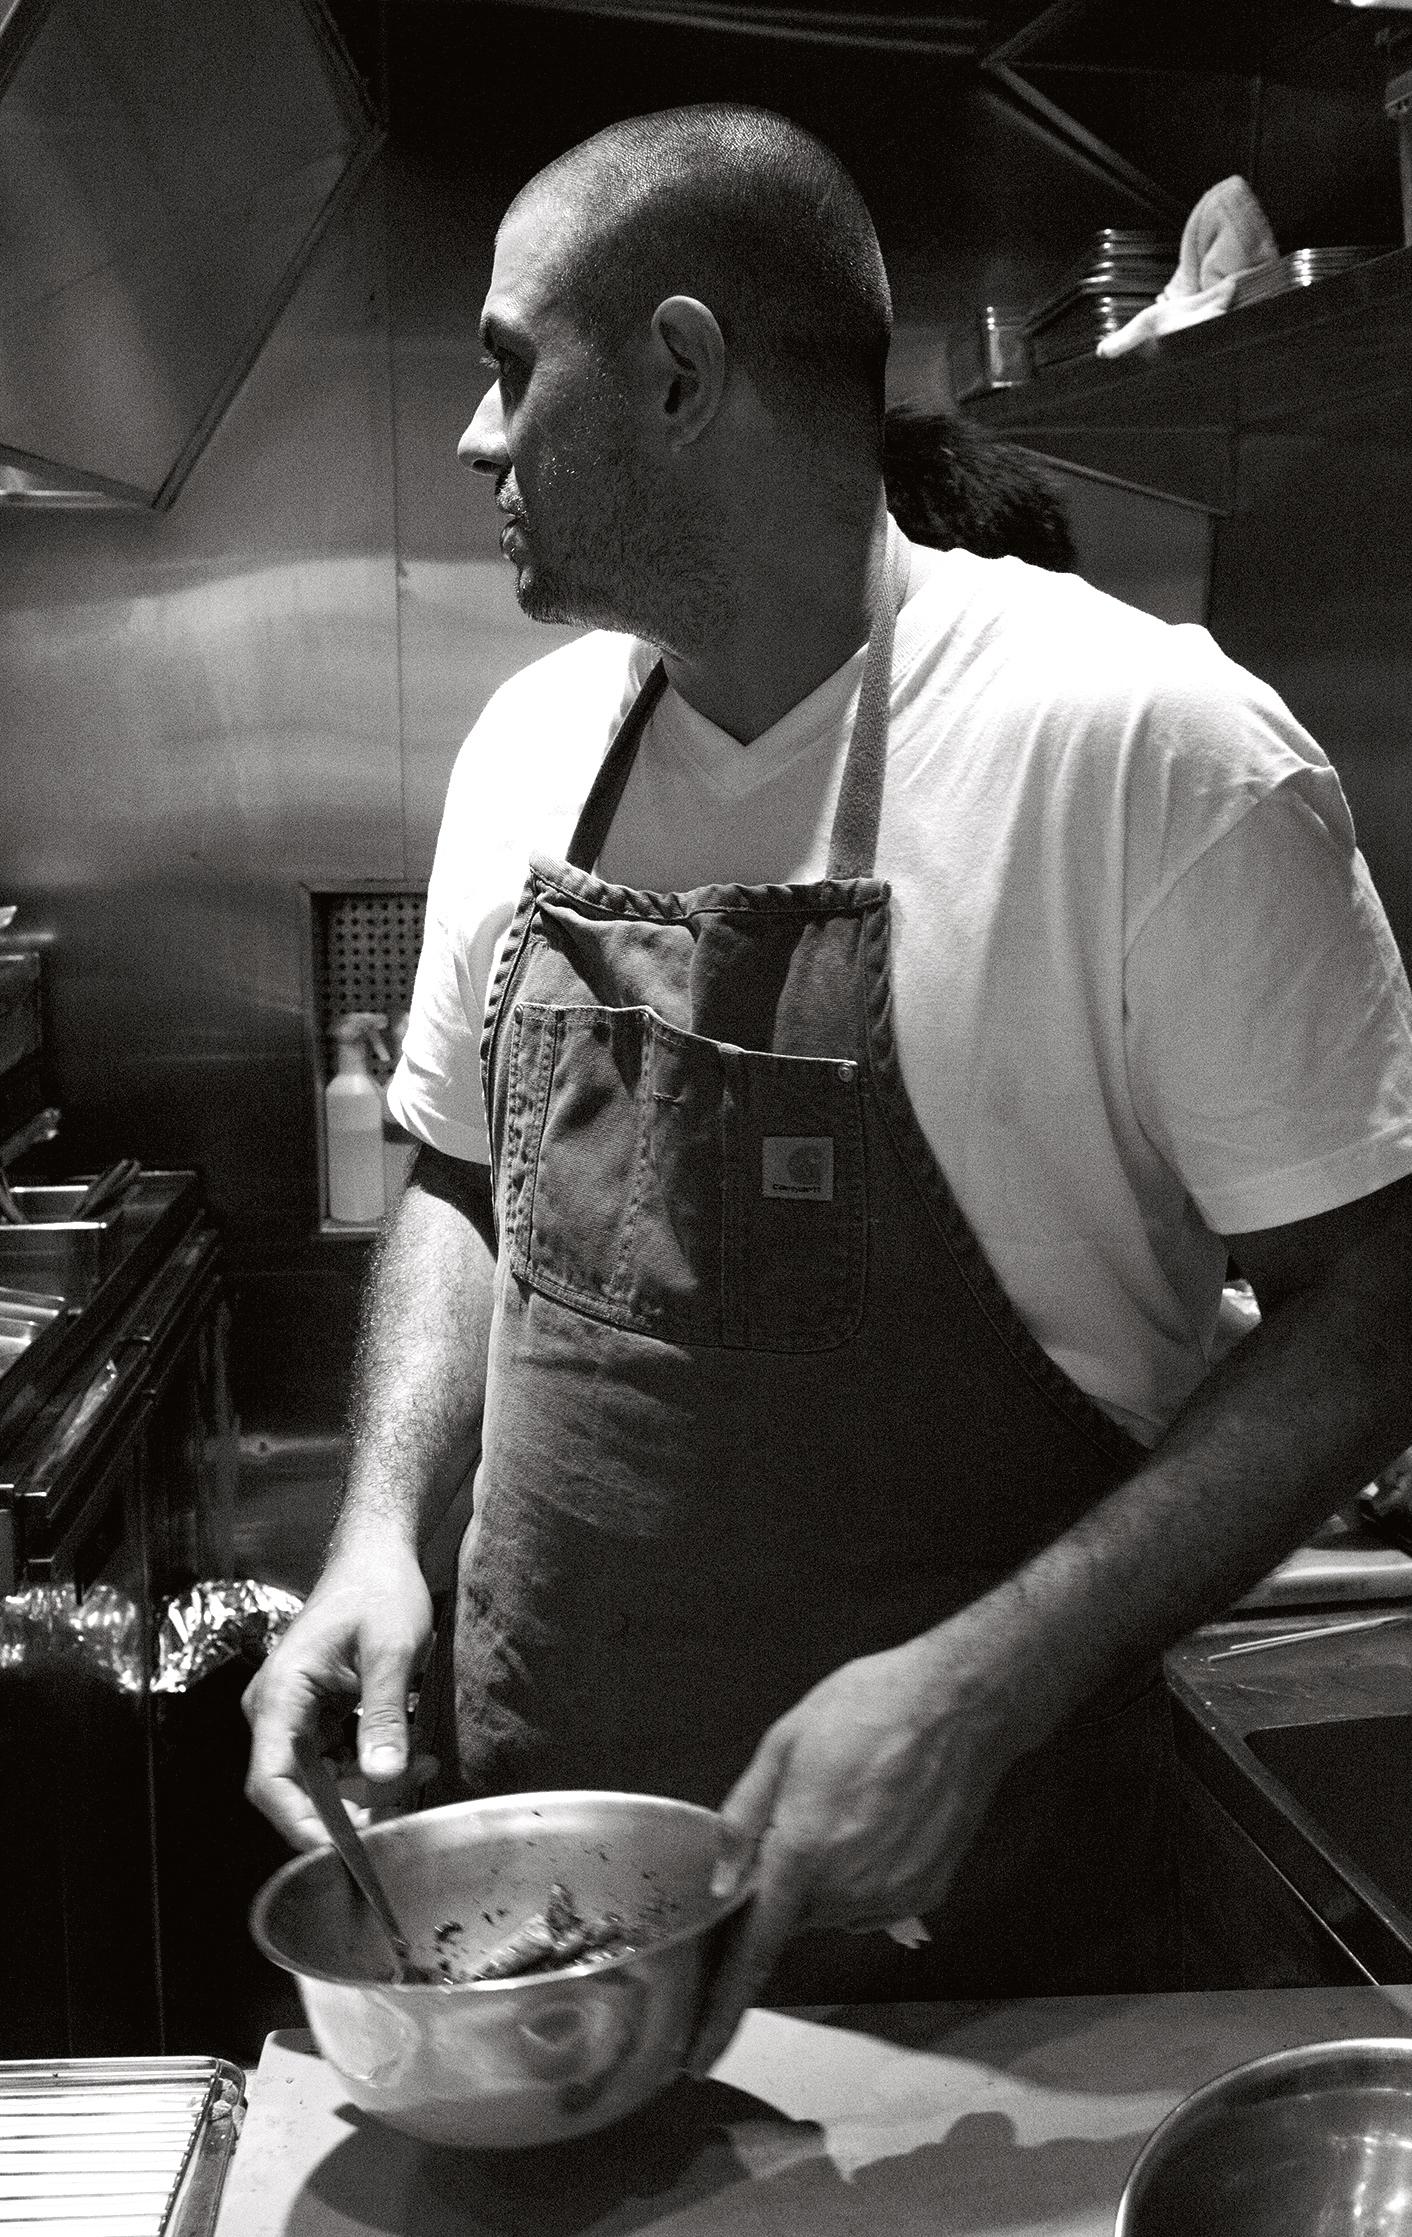 Chef Matt Abergel, from Chicken and Charcoal: Yakitori, Yardbird, Hong Kong